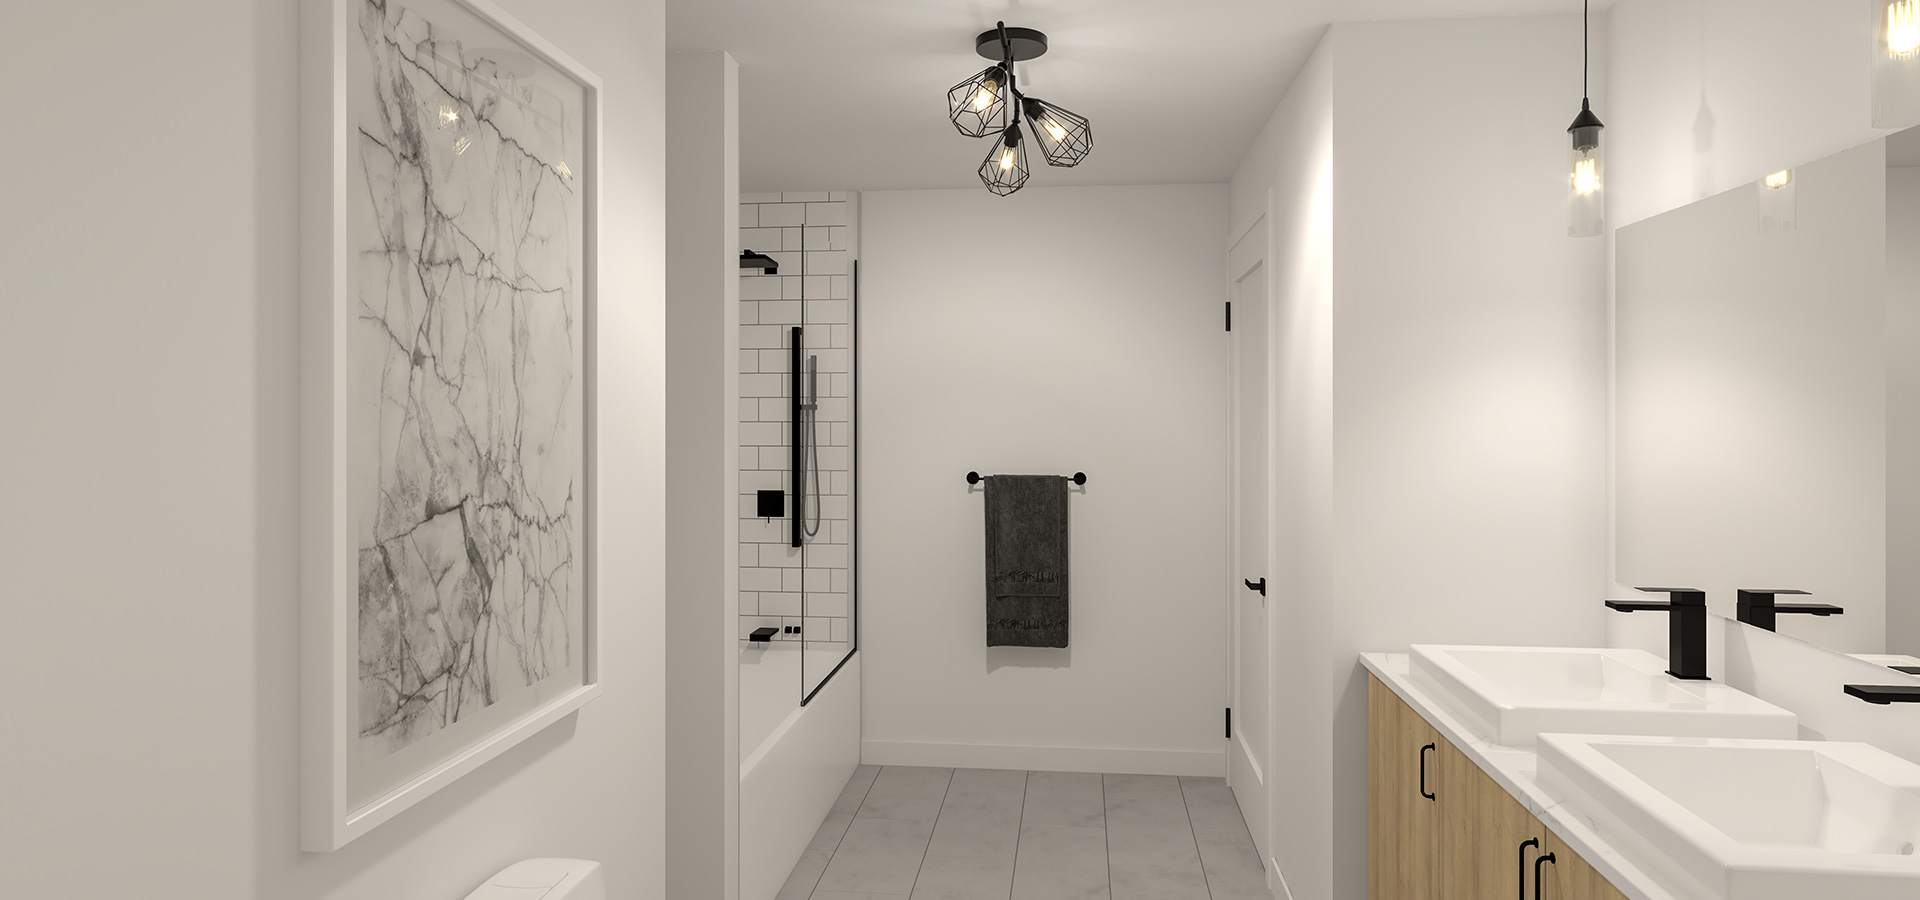 Logement | salle de bain